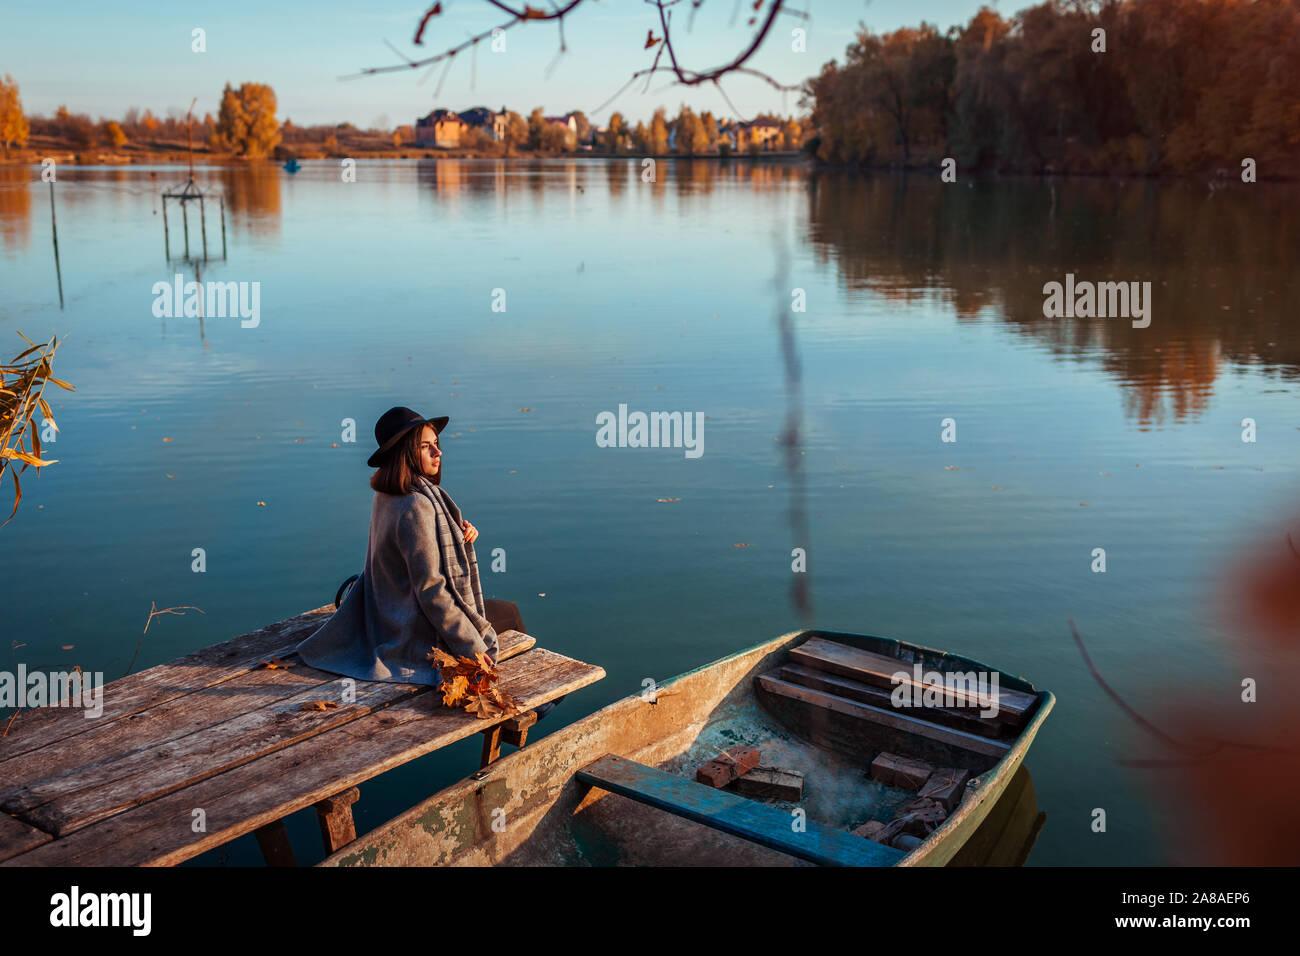 Mujer sentada sobre el lago de pier por barco admirando el paisaje de otoño y relajante. Temporada de otoño actividades Foto de stock